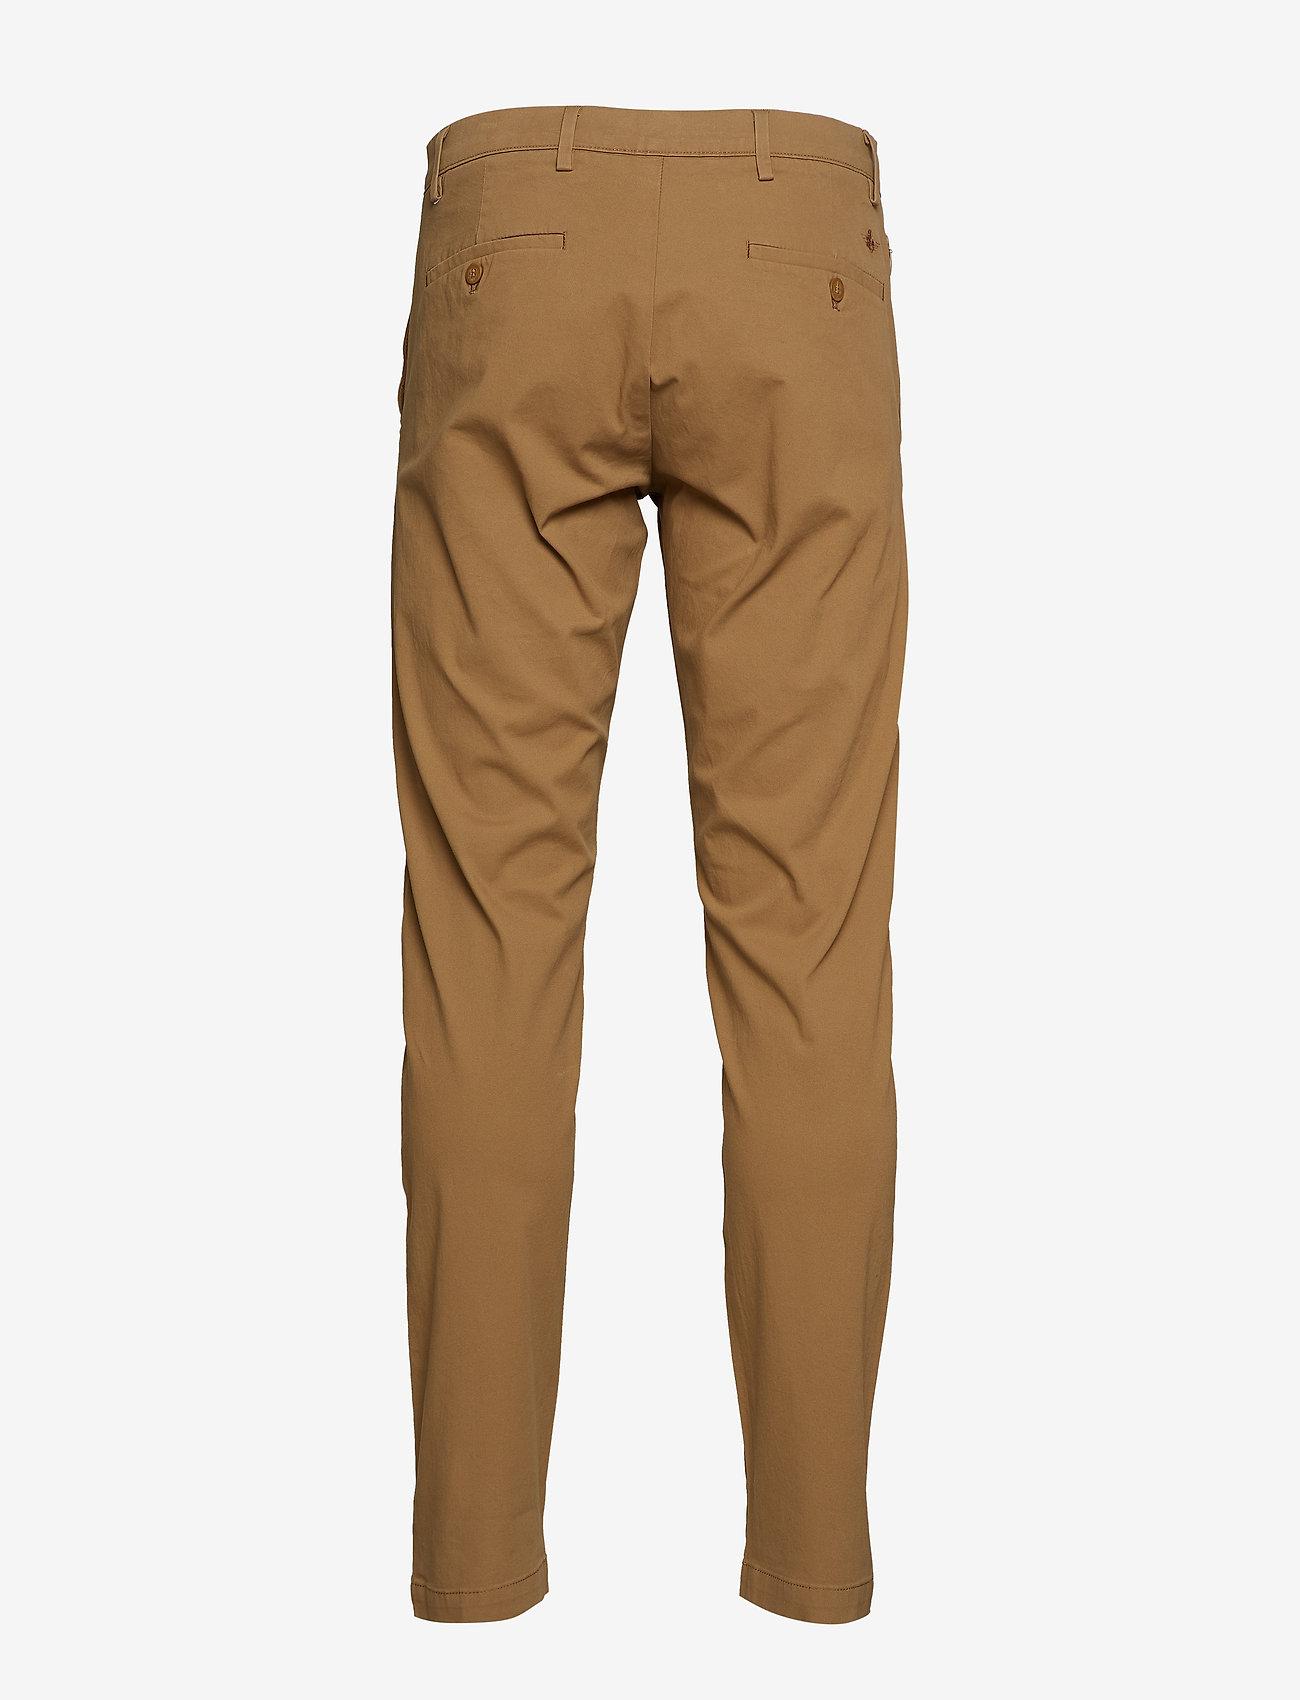 Dockers - SMART 360 CHINO TAPER ERMINE - pantalons chino - neutrals - 1